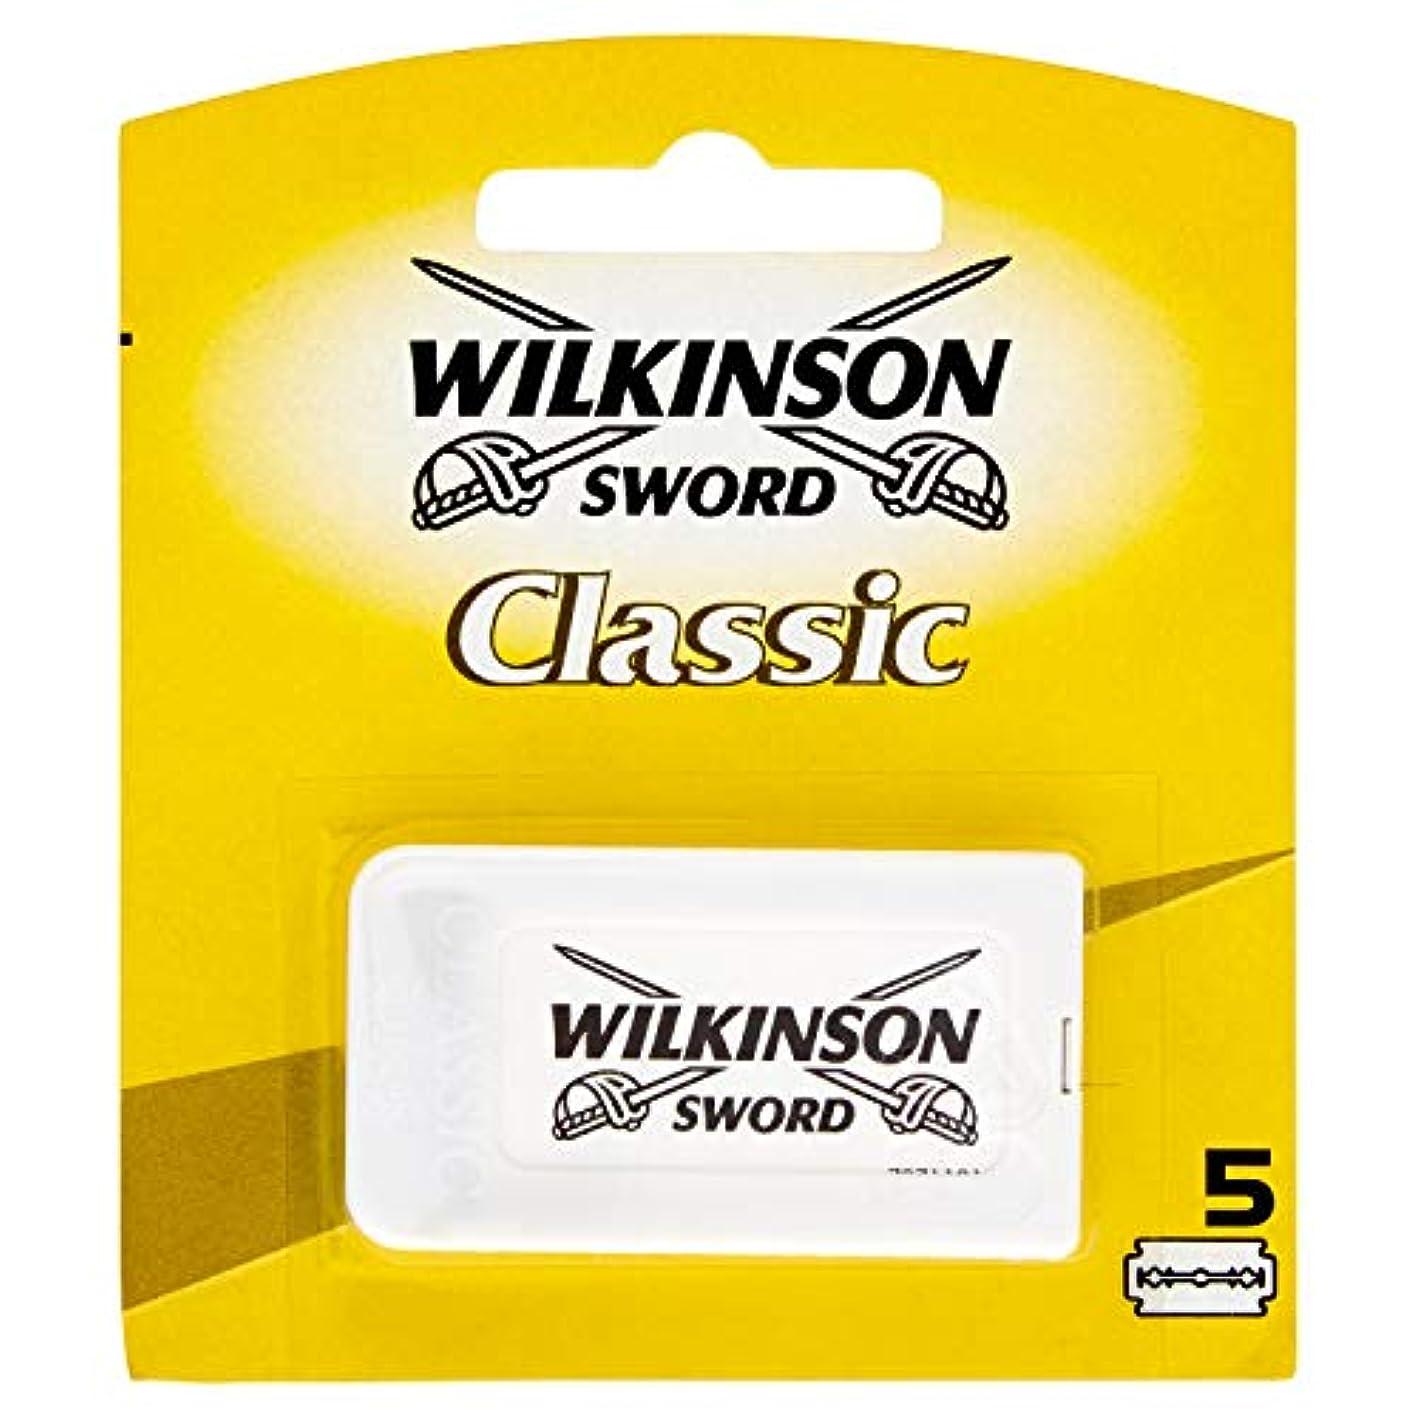 アルカトラズ島戸口役に立たないWilkinson Sword(ウィルキンソンソード) Classic 両刃替刃 5個入り [並行輸入品]